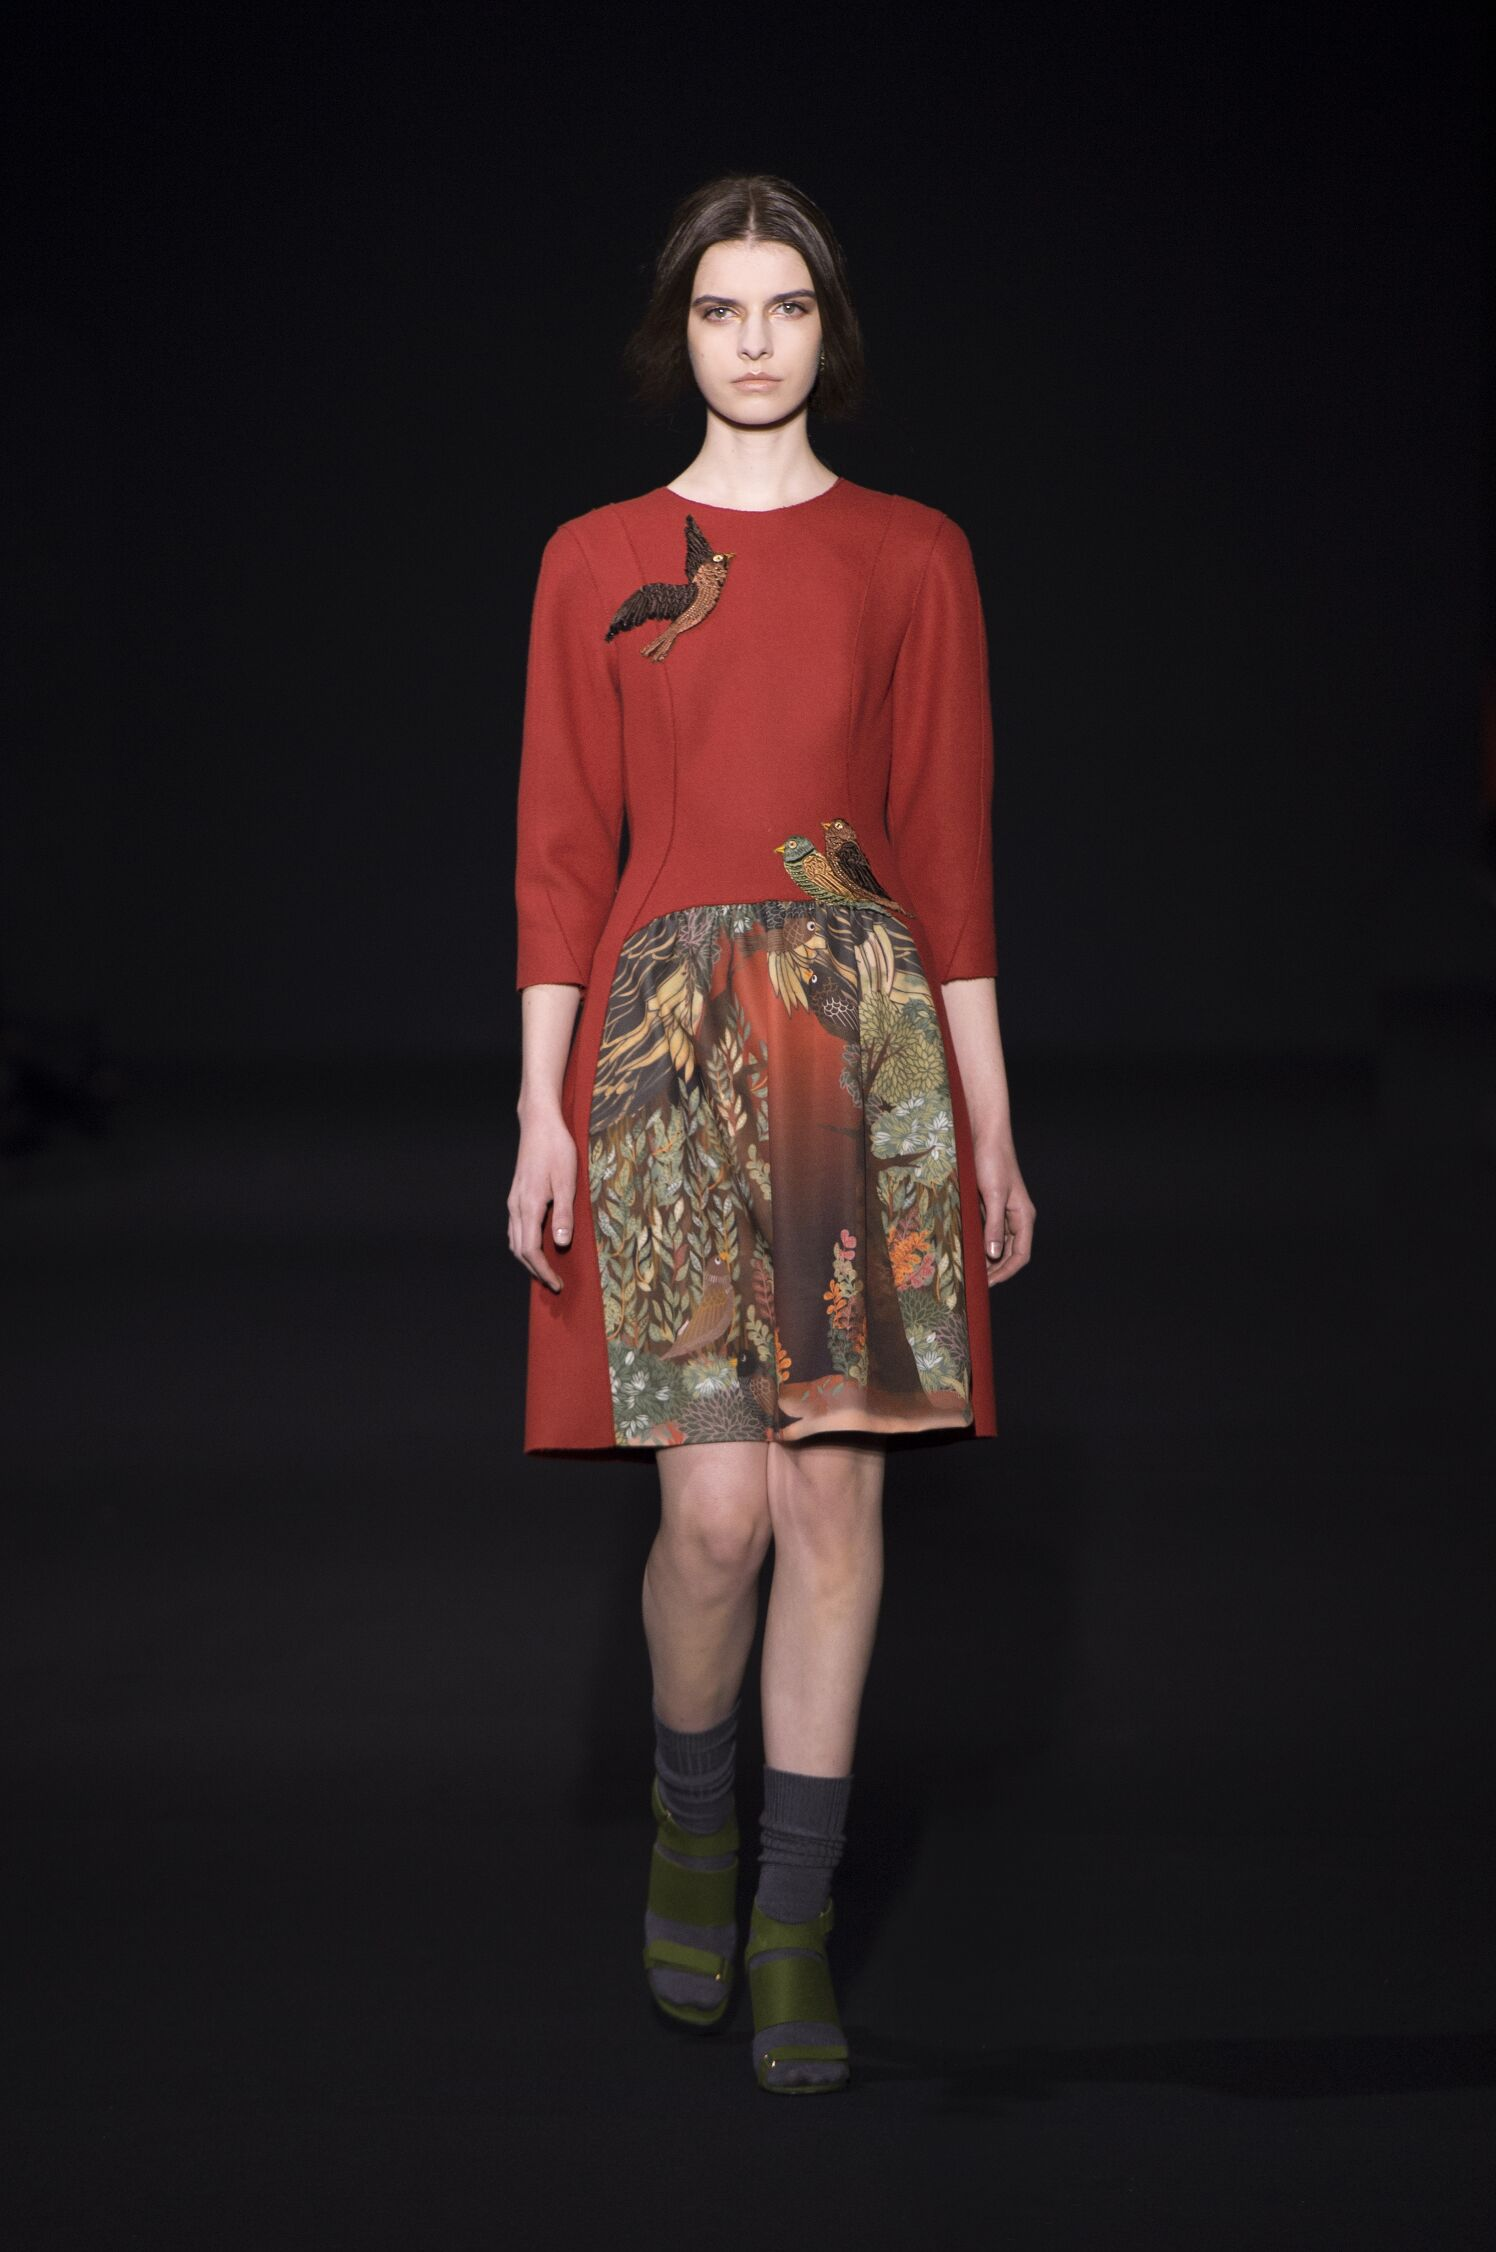 Catwalk Alberta Ferretti Fashion Show Winter 2014